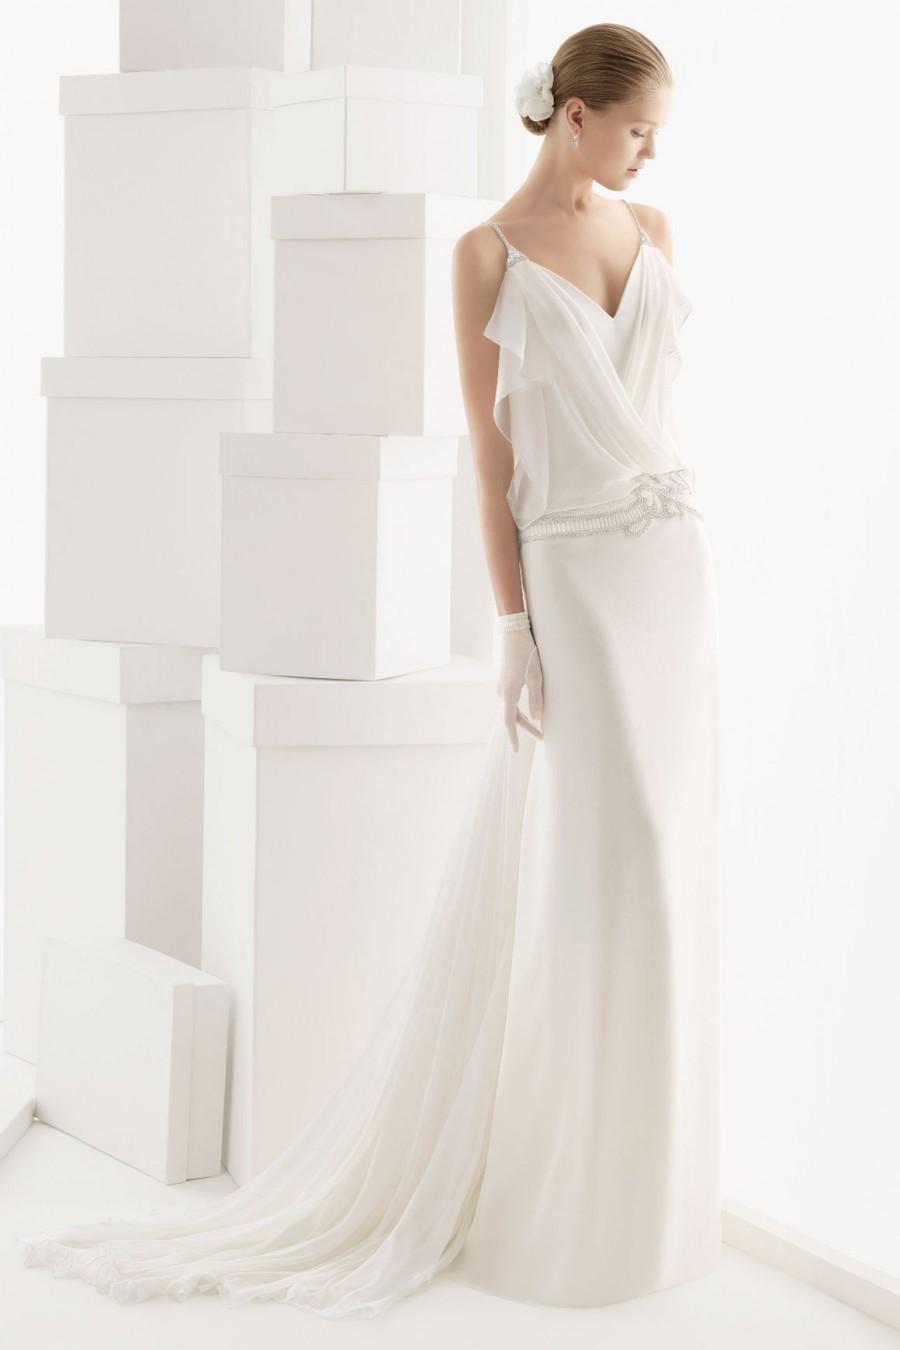 Mariage - Sexy Spaghetti Straps Draping Ruffles Chiffon Wedding Dress Cheap